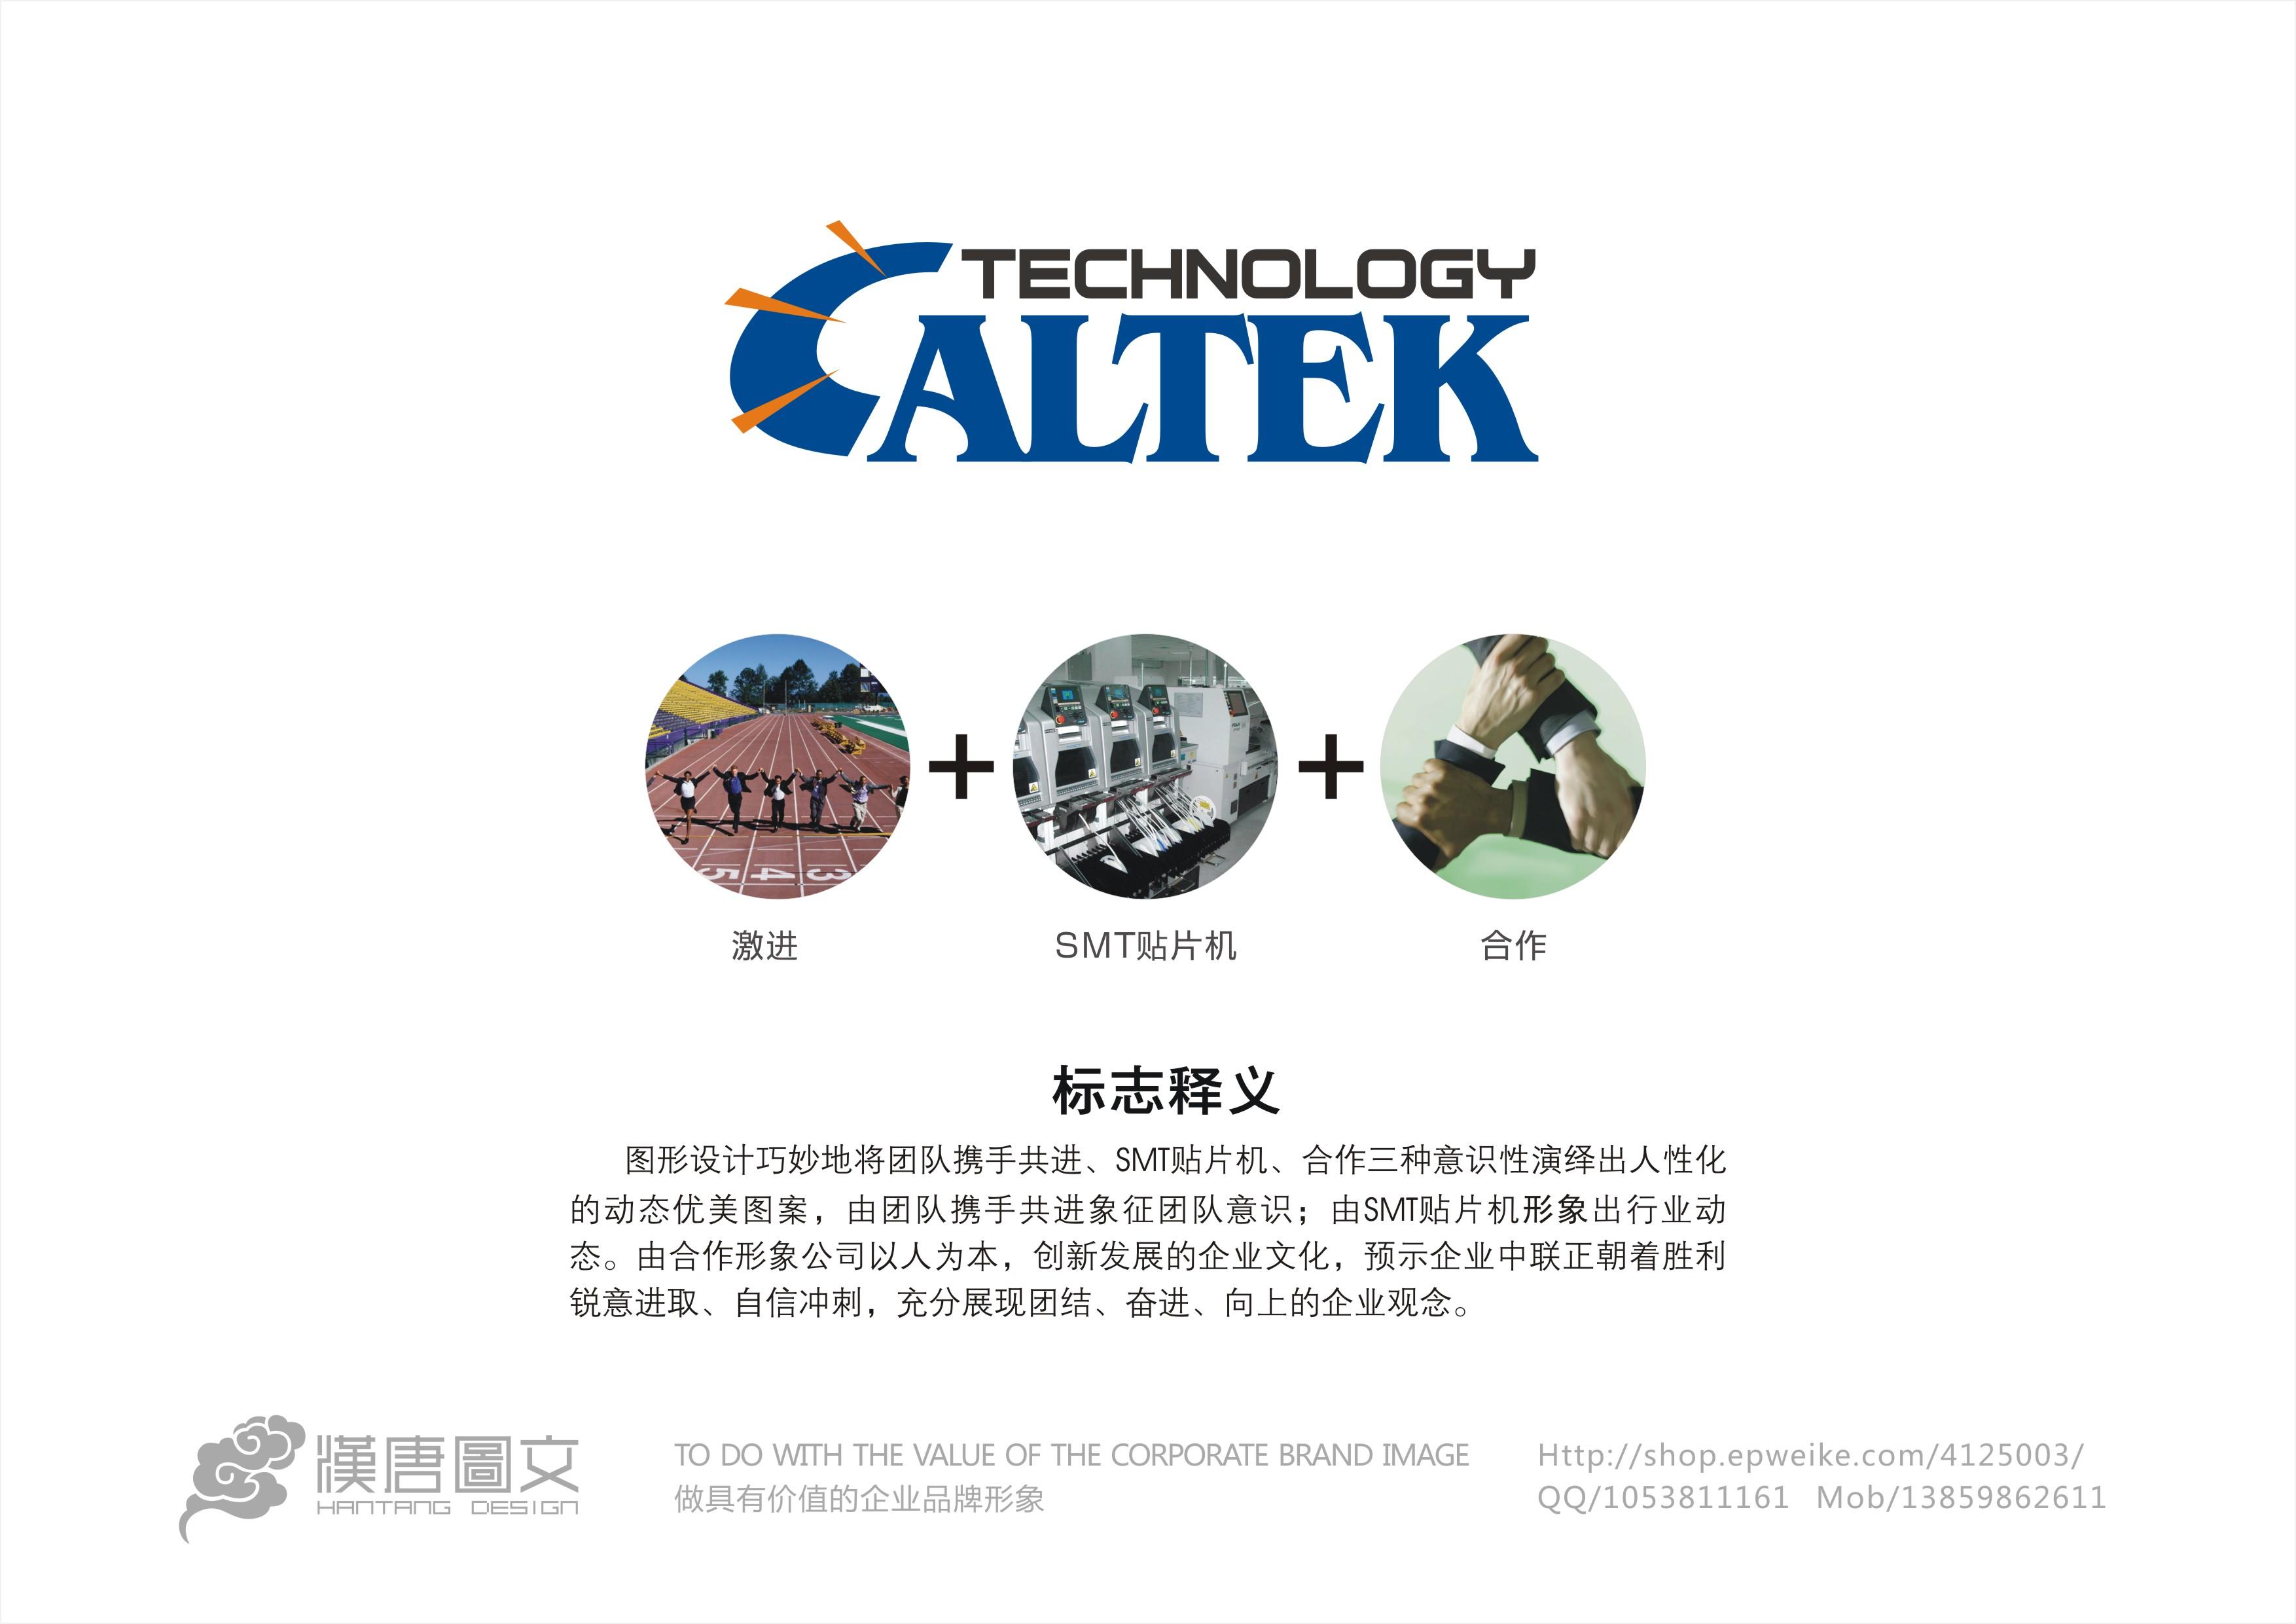 公司文字logo设计【威客信用从高到低】